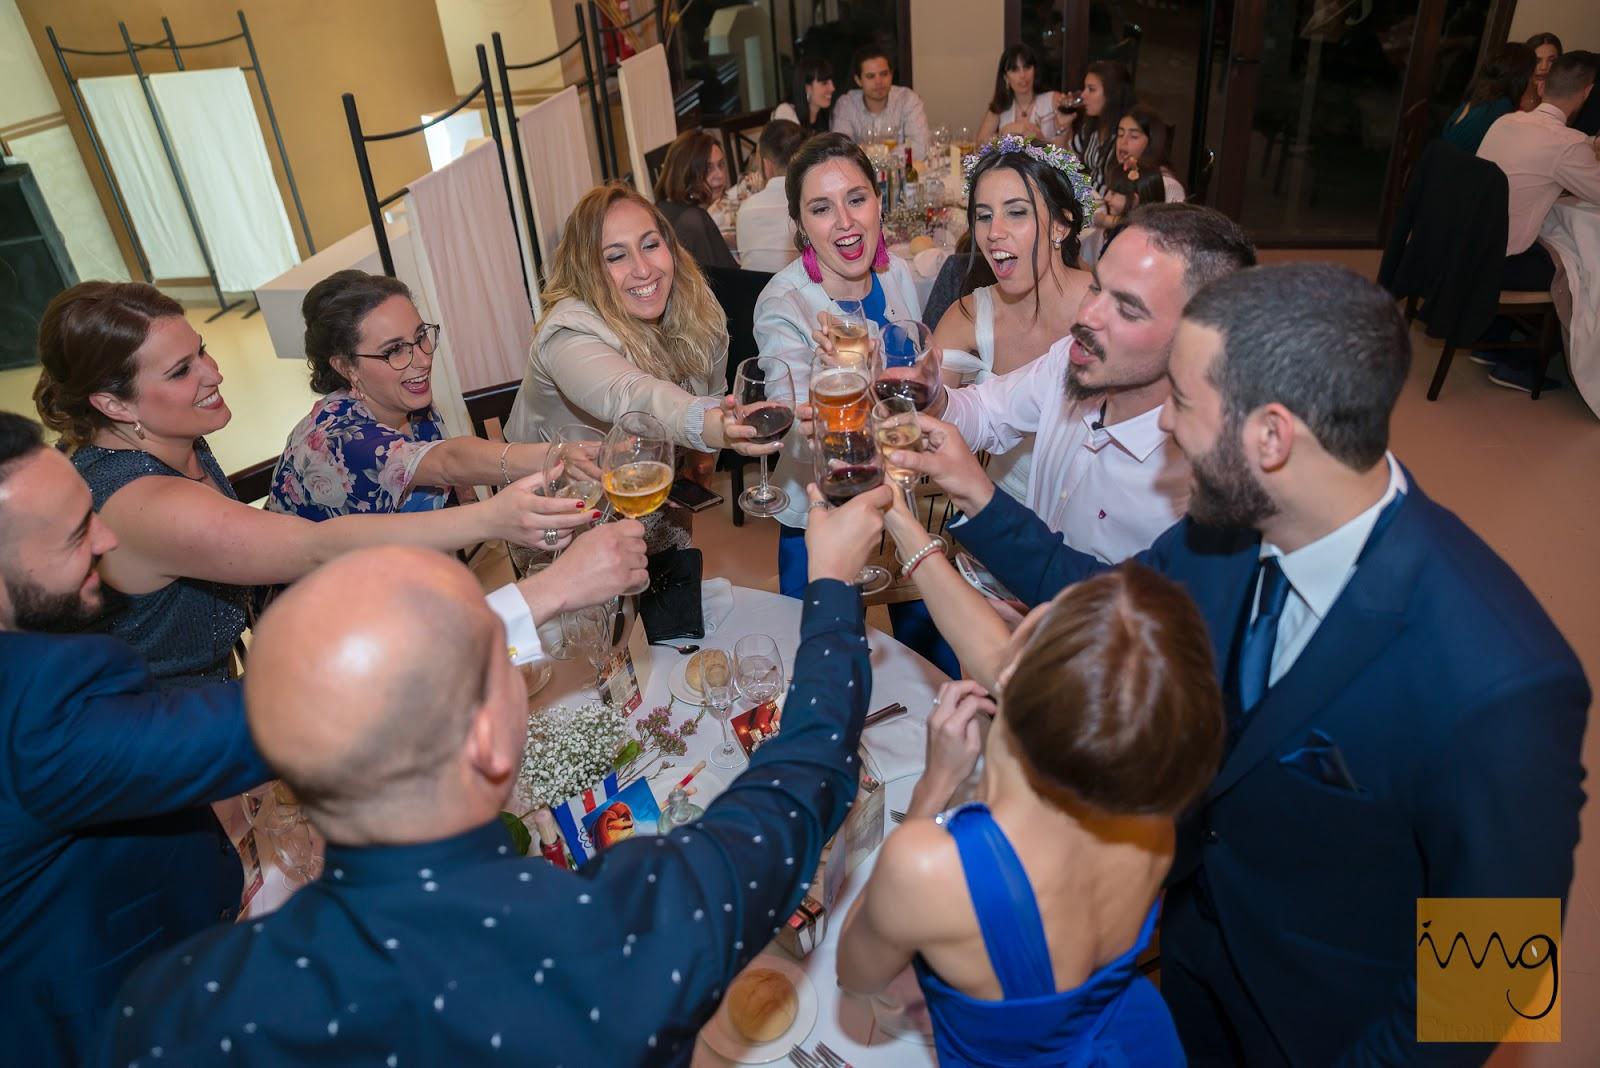 Fotografía de boda de brindis con ángulo picado